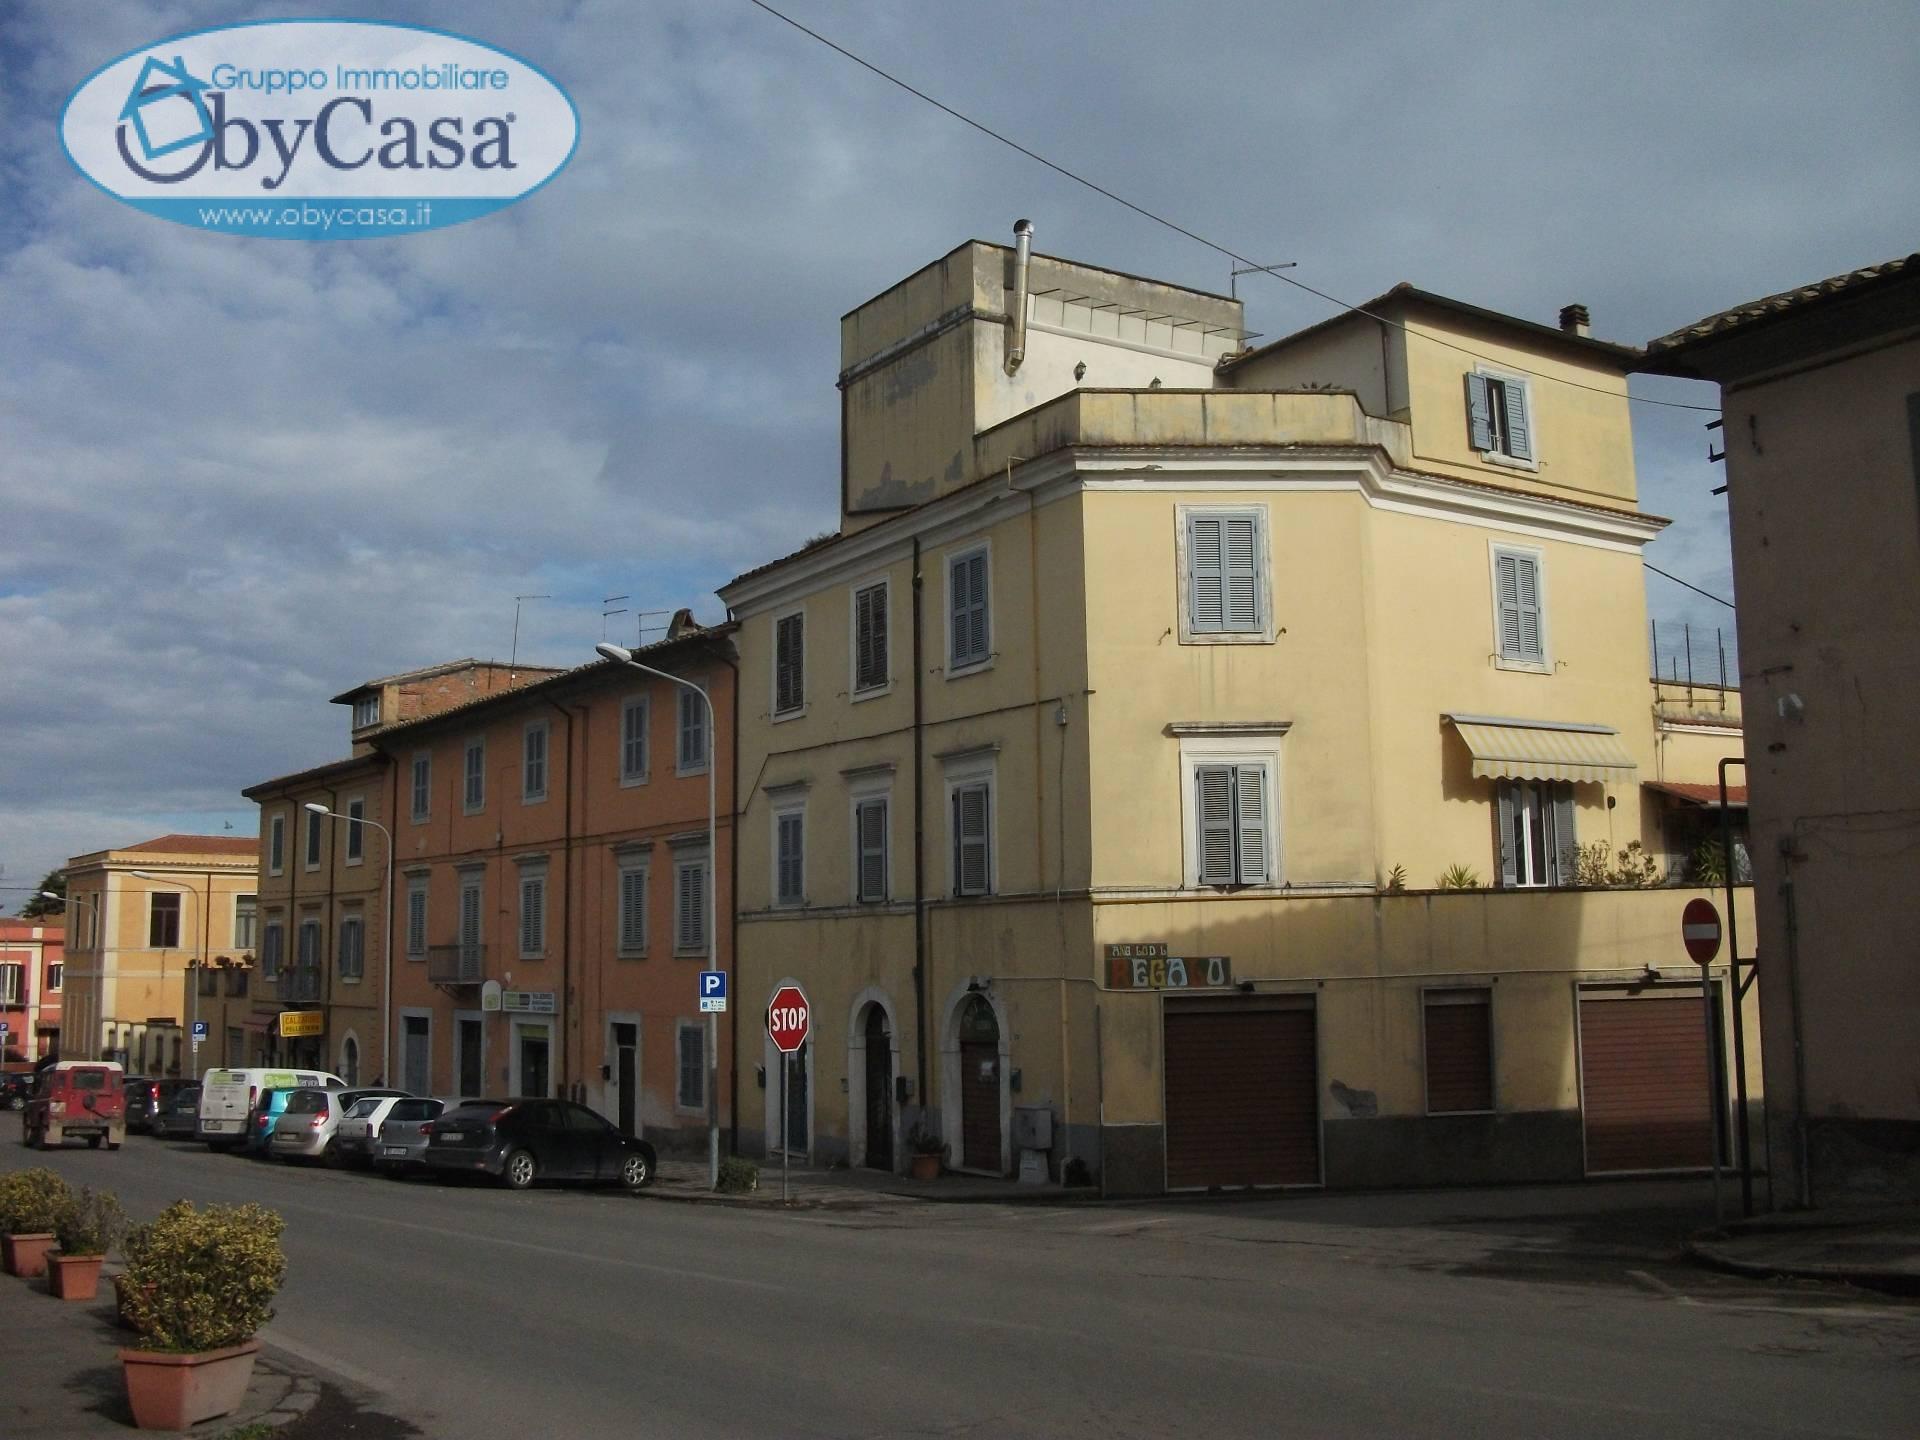 Soluzione Indipendente in affitto a Oriolo Romano, 2 locali, prezzo € 400 | Cambio Casa.it